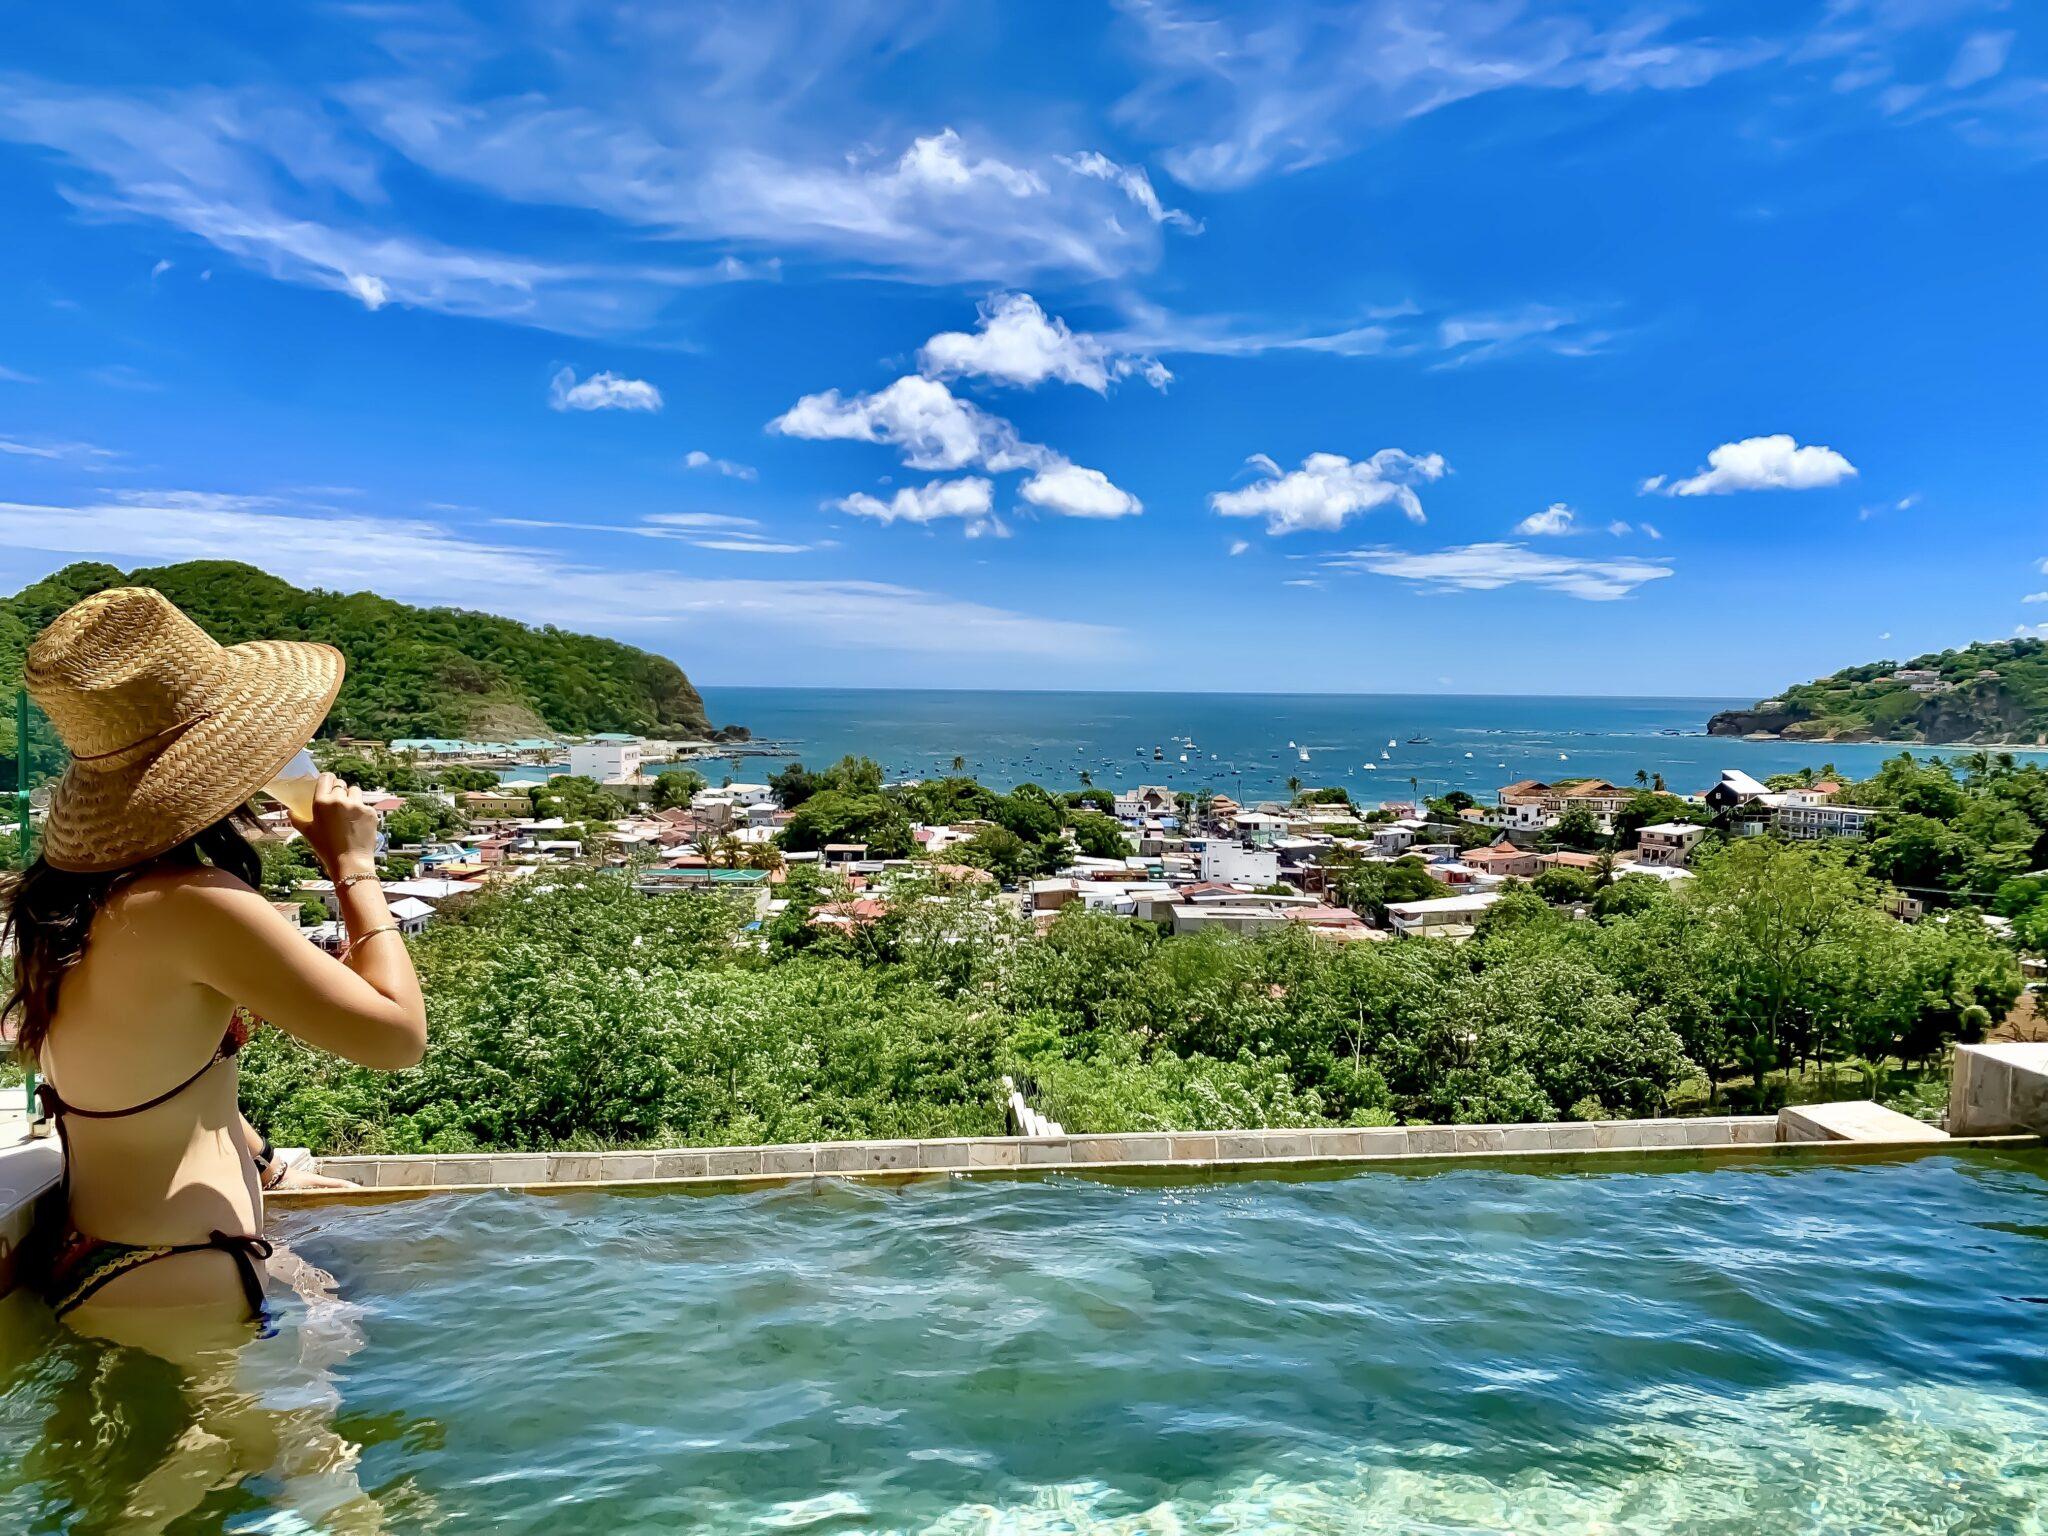 Los 8 destinos turísticos más elegidos en Nicaragua, una de las maravillas del Caribe